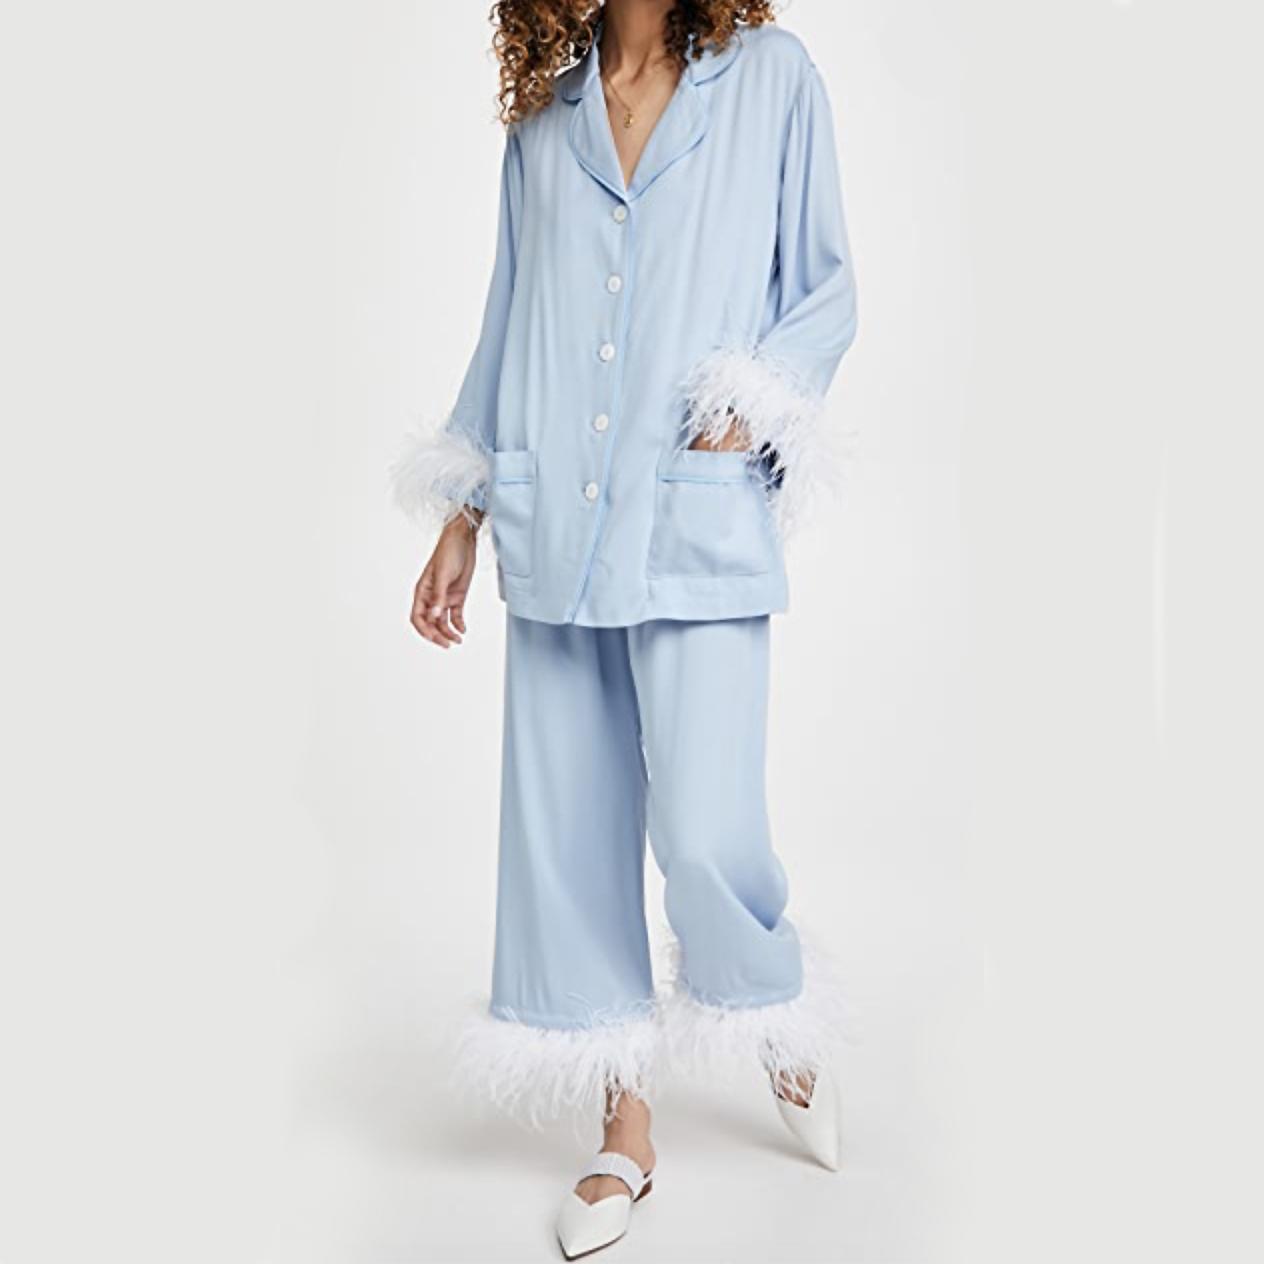 2021 loungewear trends